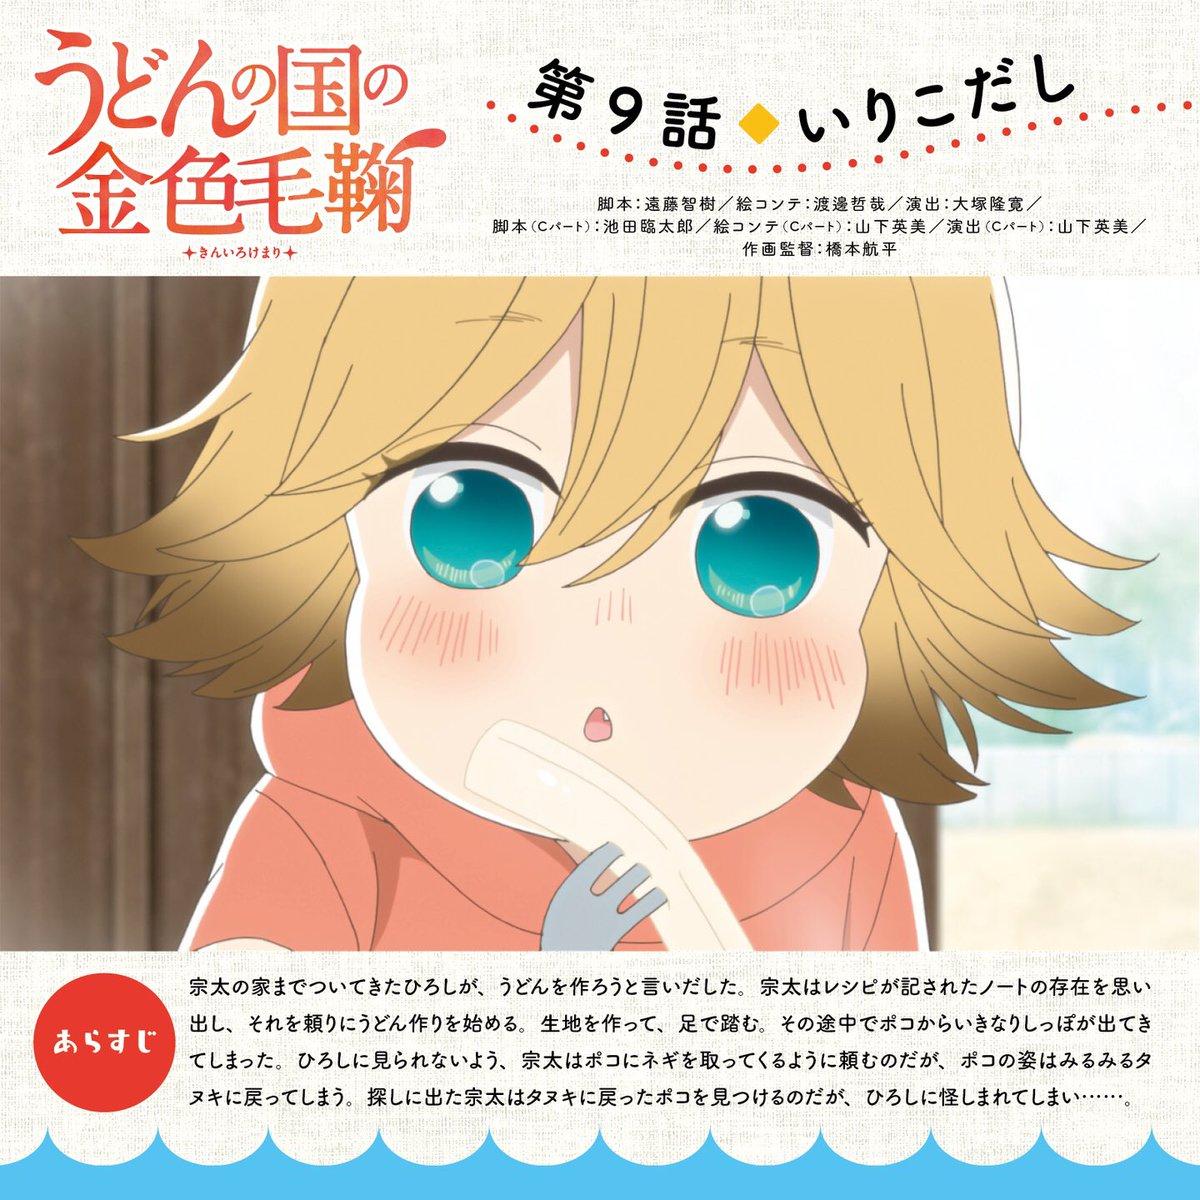 【放送情報:うどんの国の金色毛鞠】西日本放送では、このあと7:00より第9話「いりこだし」放送です!今回は、うどん屋の息